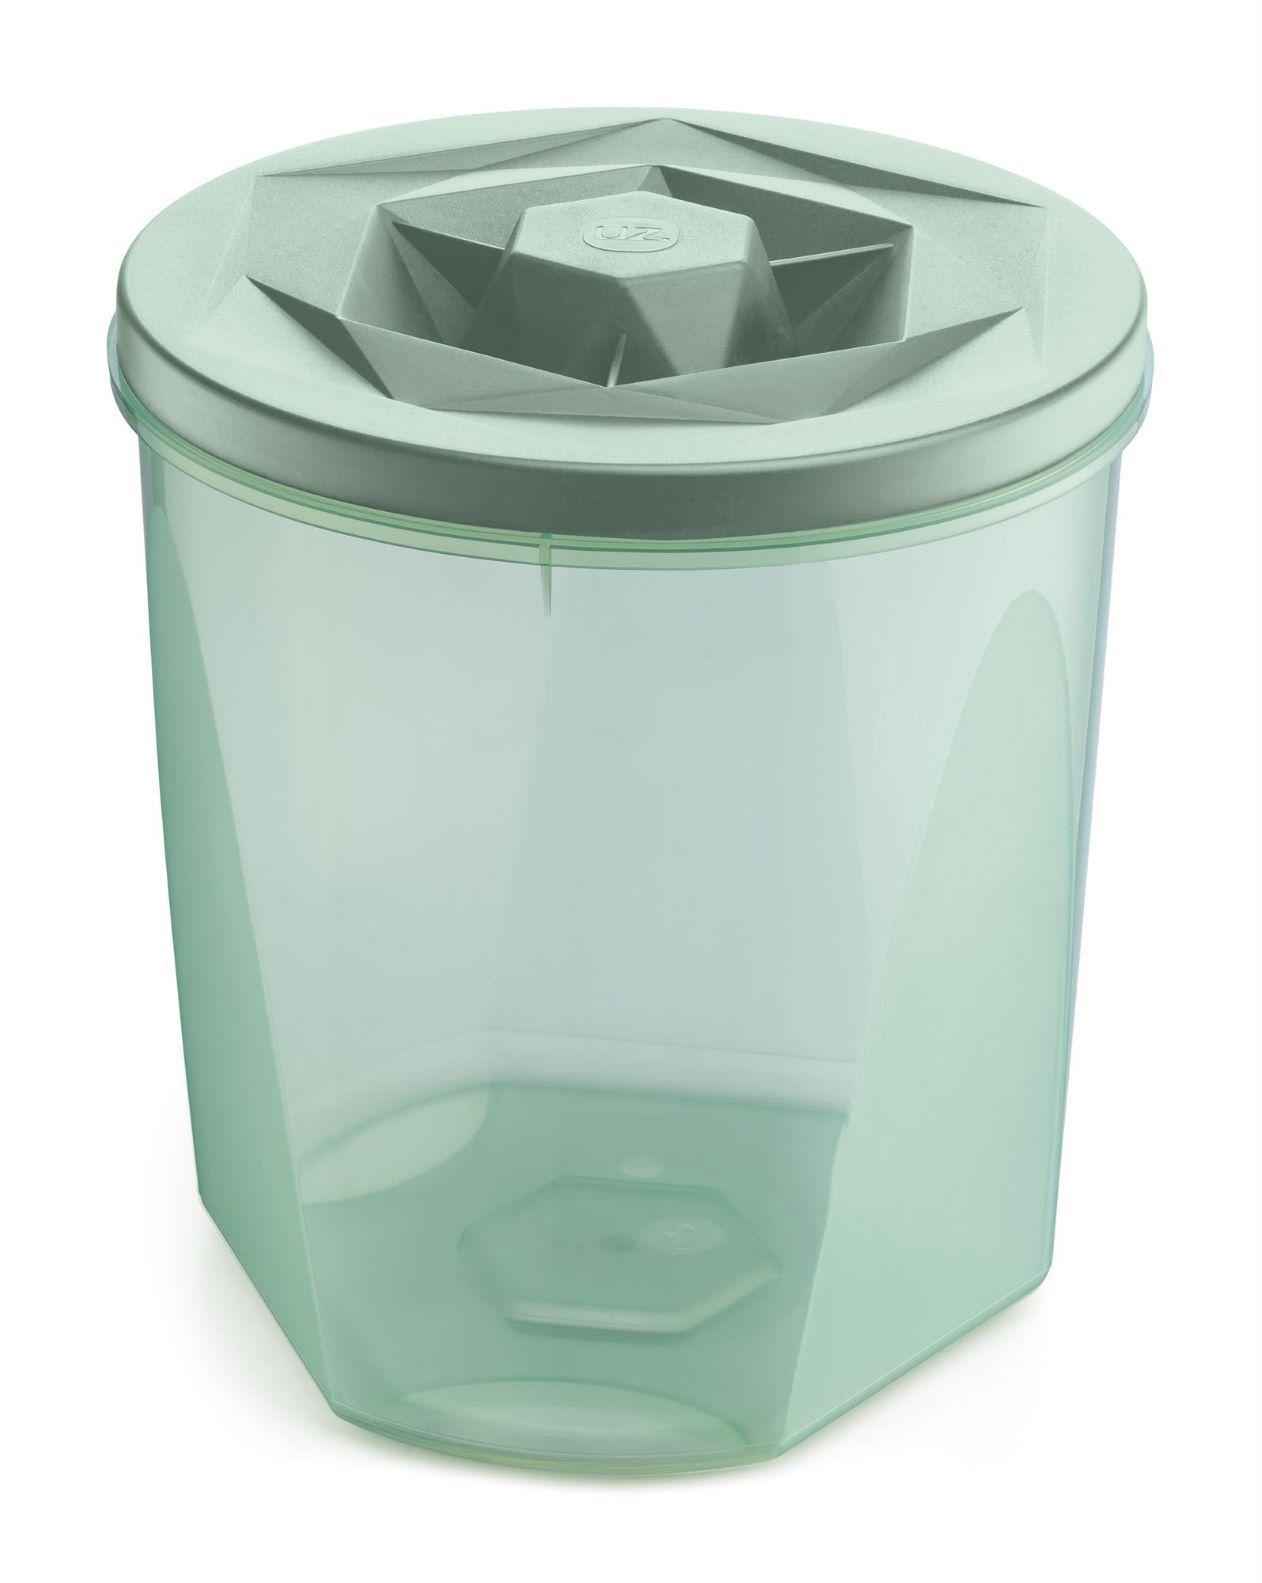 Jogo de Potes Porta Mantimentos 5 Peças Plástico Vision Com Tampa de Rosca UZ Utilidades ? Verde